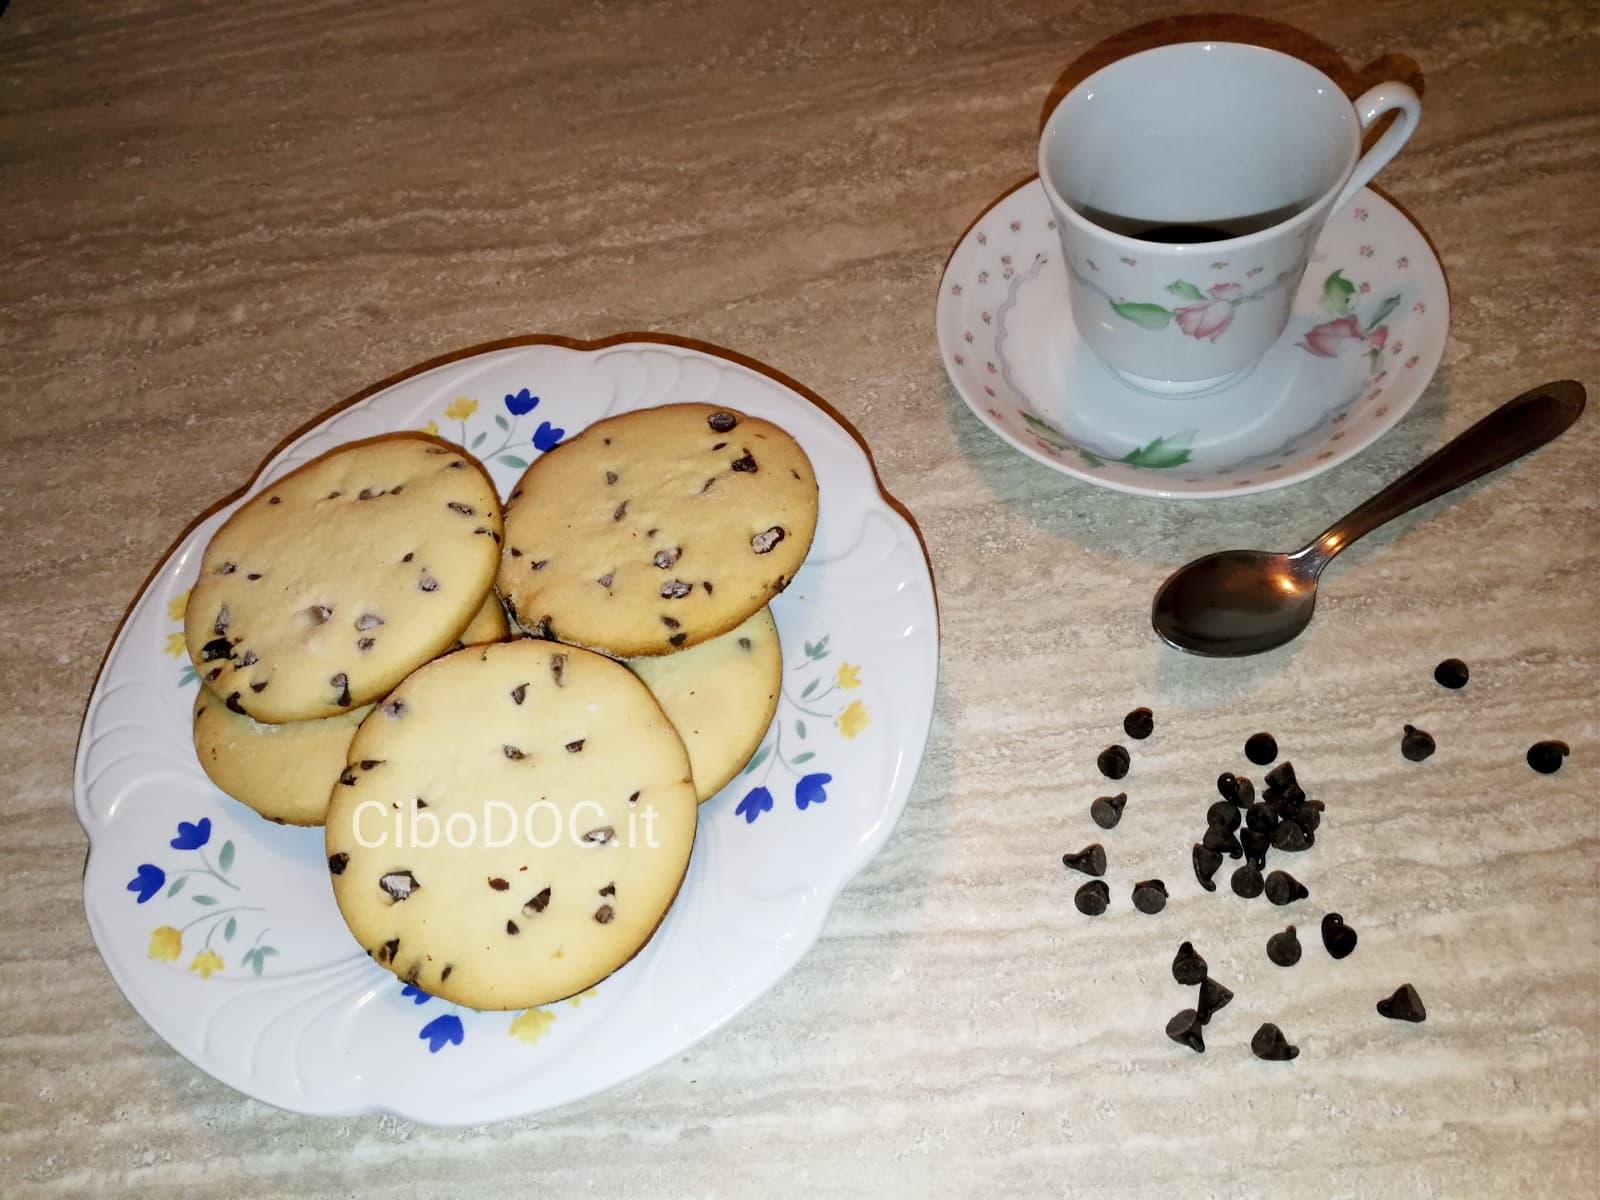 Ricetta Cookies Facile E Veloce.Biscotti Con Gocce Di Cioccolato Ricetta Facile E Veloce Cibodoc It